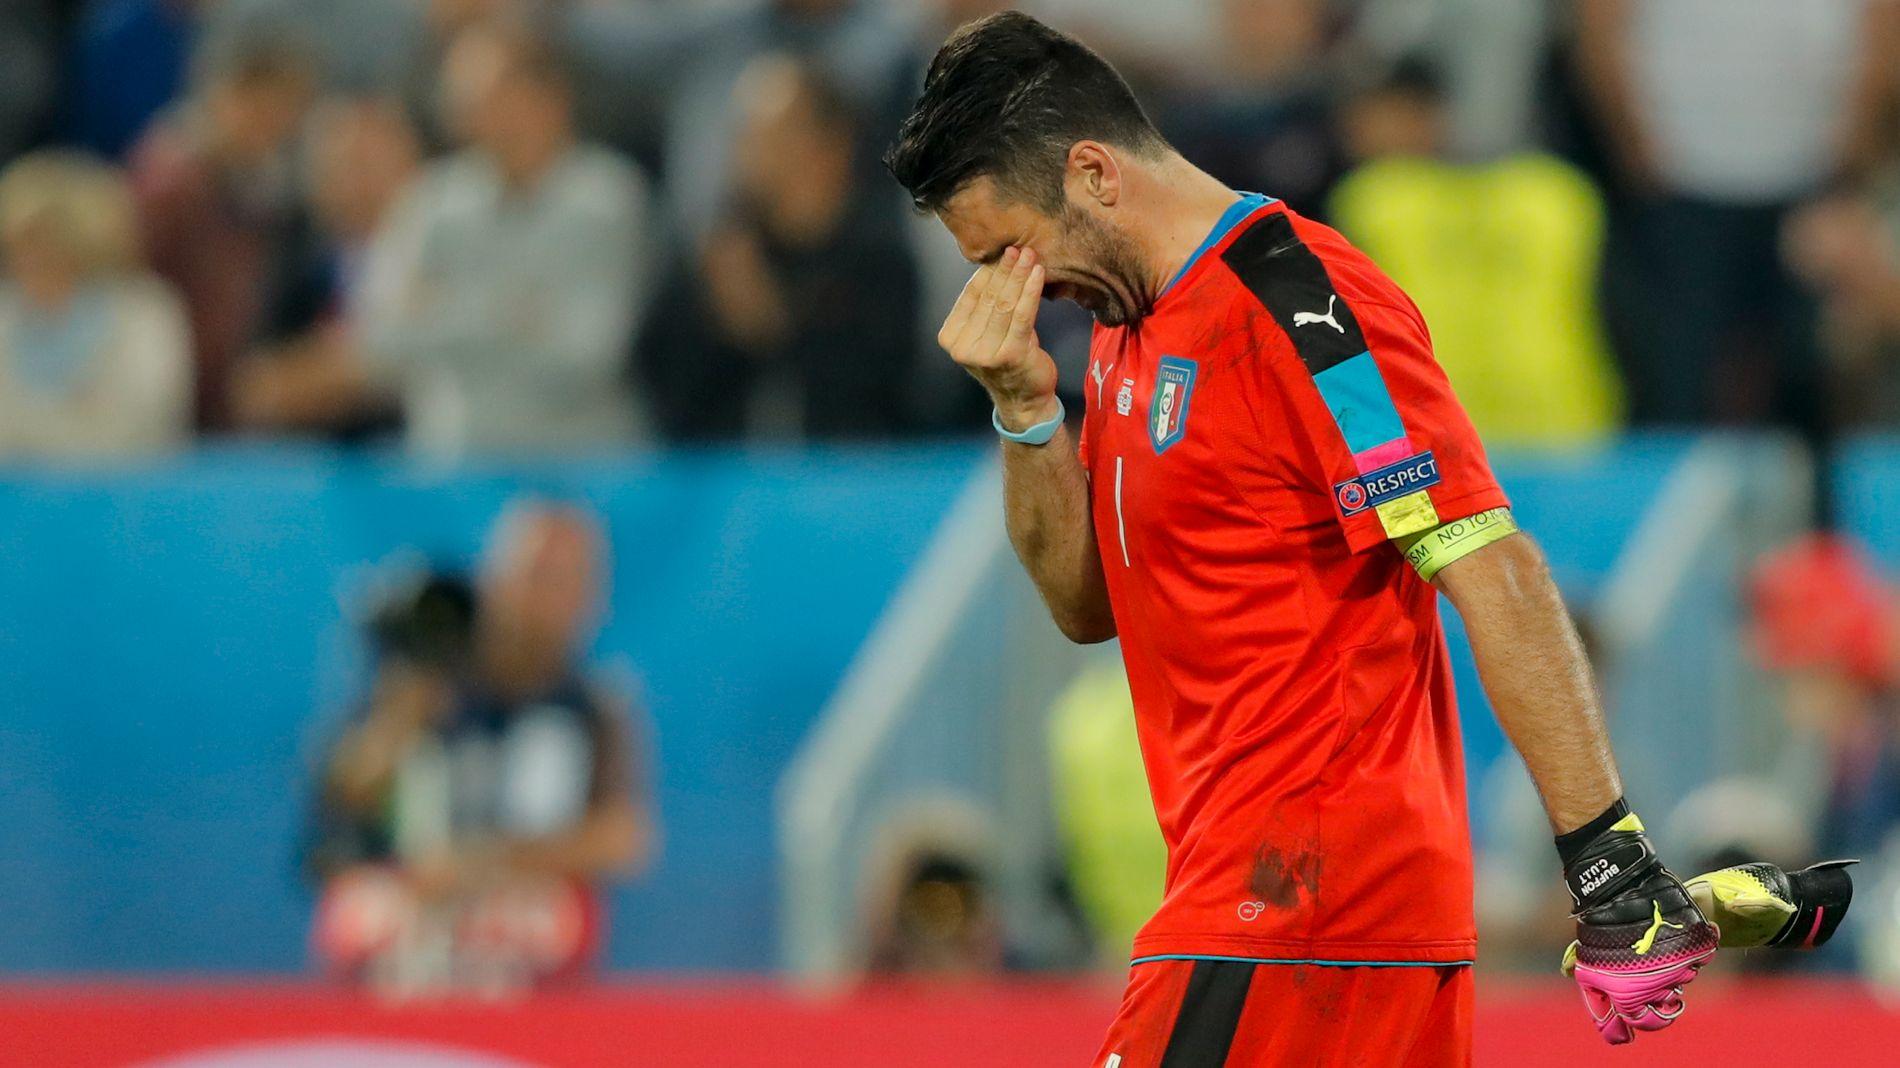 FORTVILET: Gianluigi Buffon var tydelig skuffet etter tapet mot Tyskland. Men uttalelsene tyder på en stolt Italia-kaptein.